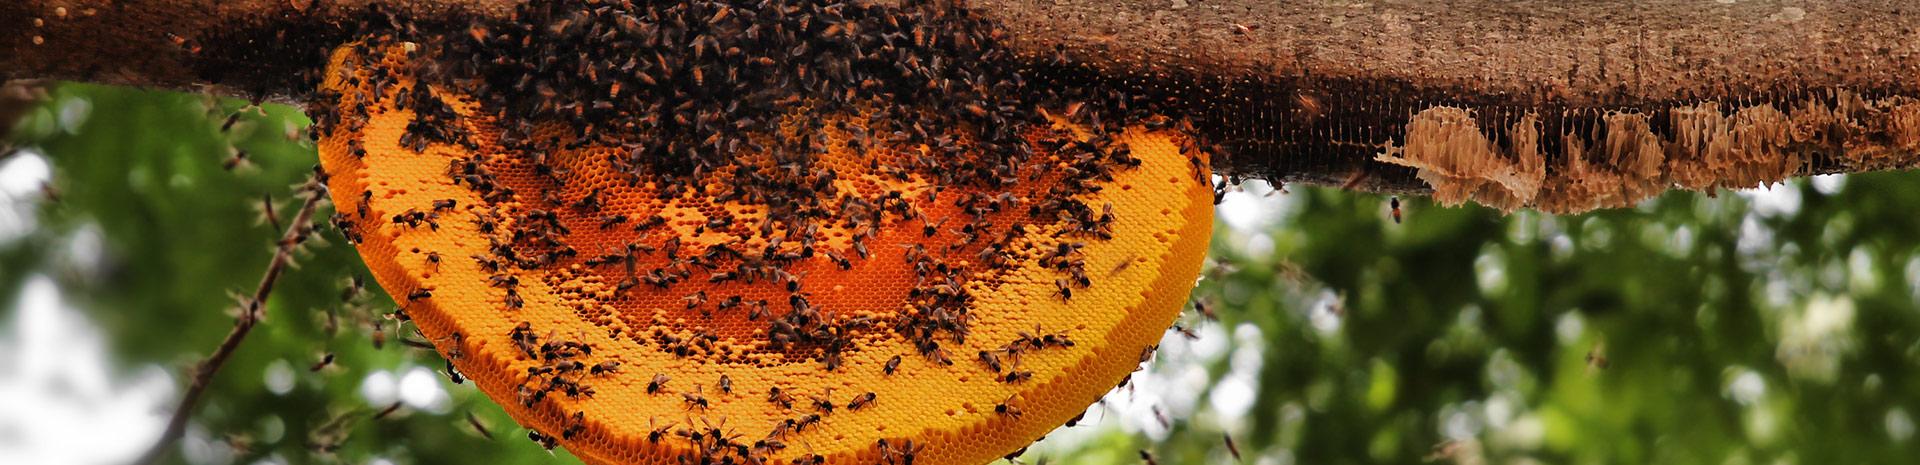 Спасут ли дикие пчёлы от эпизоотии варроатоза?